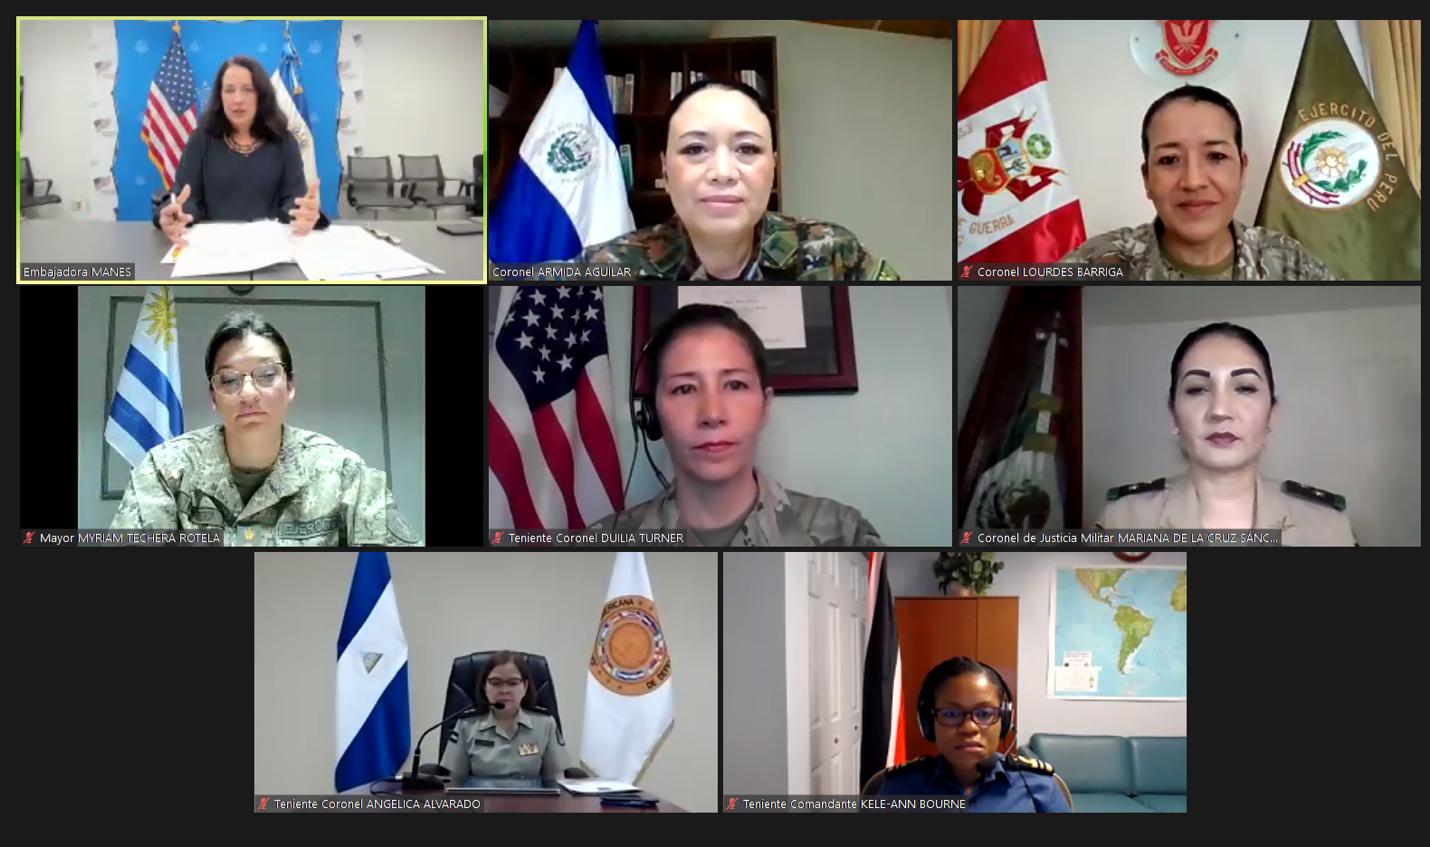 Conferência patrocinada pela JID discute o papel das mulheres nas forças armadas